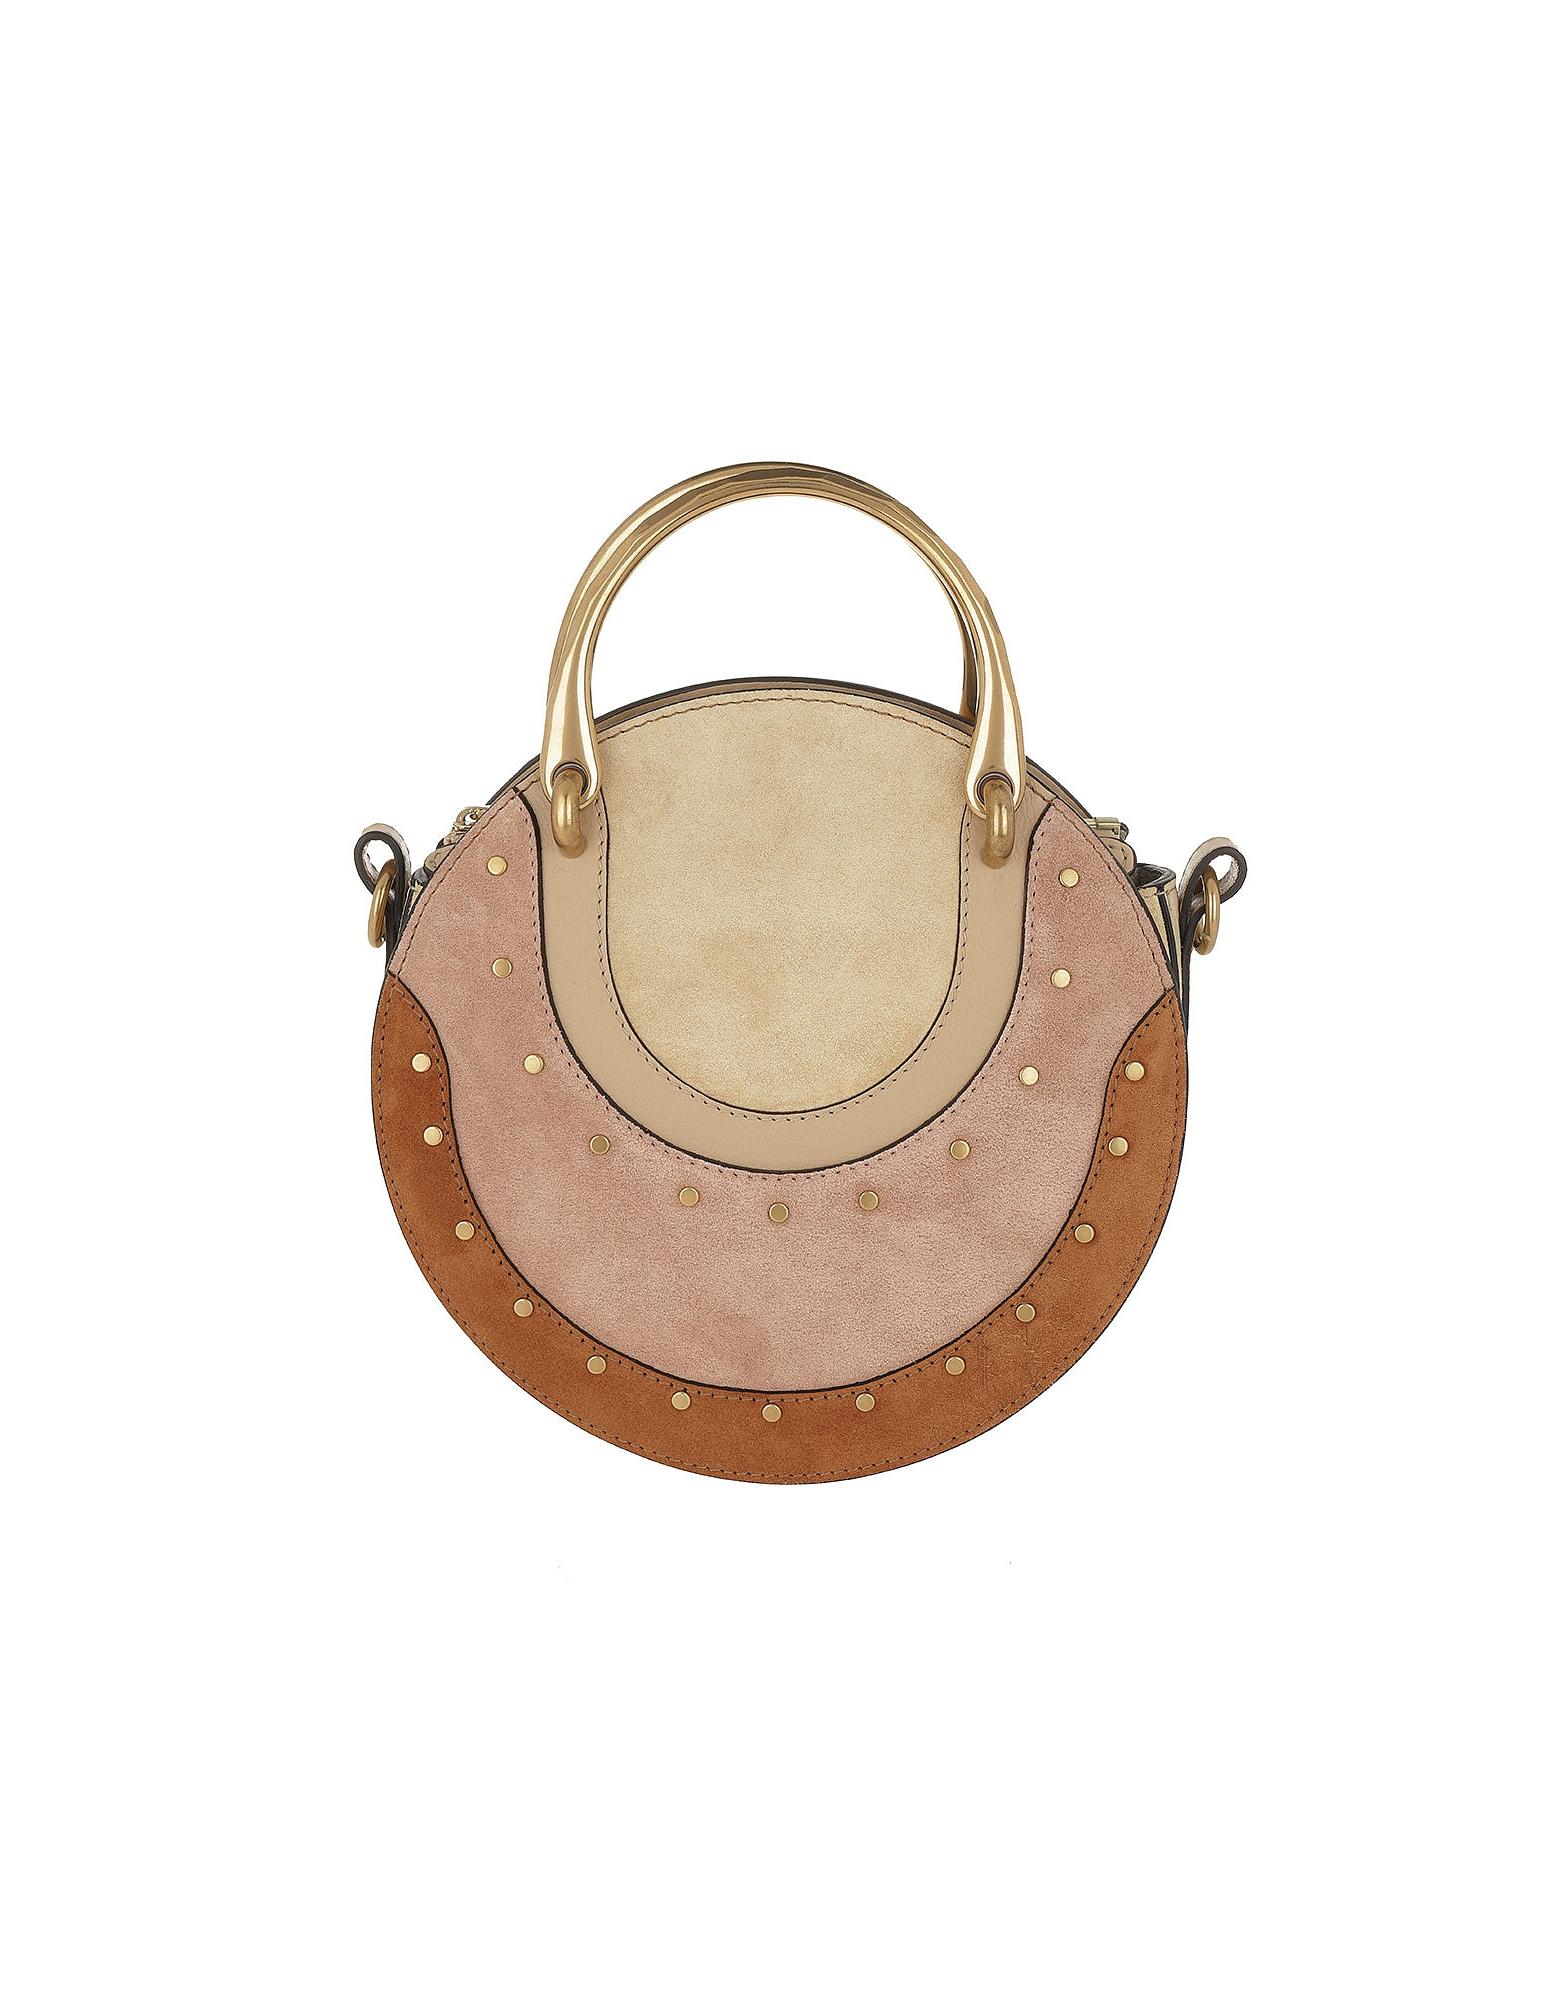 Chloe Handbags, Pixie Small Shoulder Bag Suede Pearl Beige